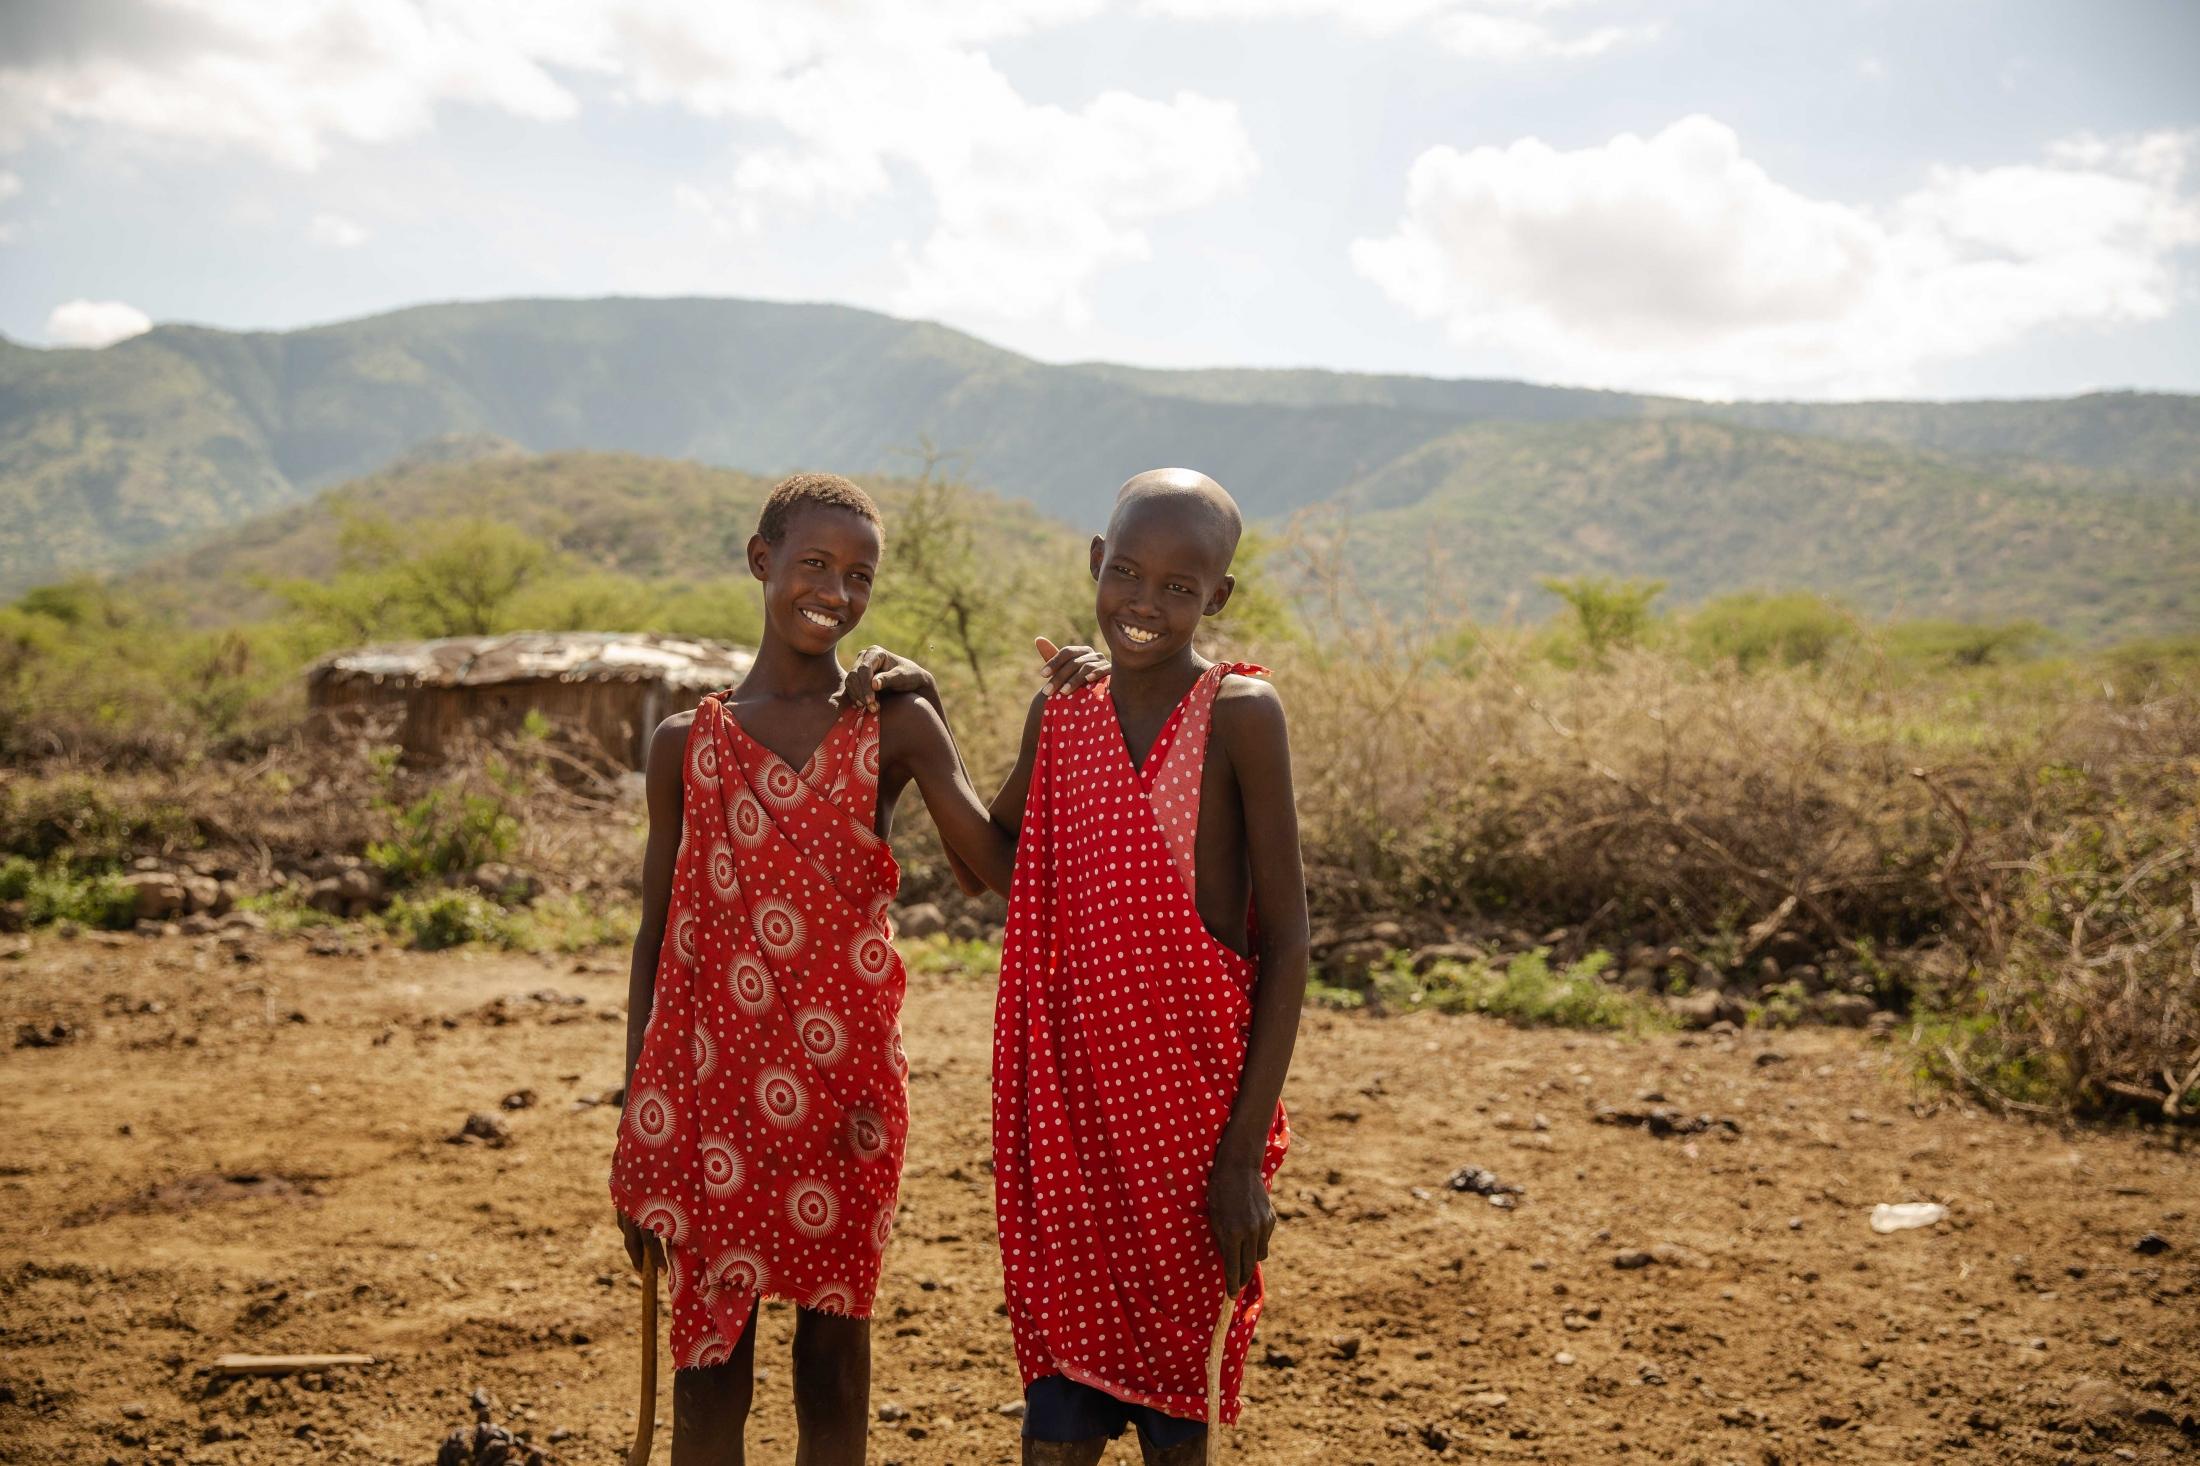 Masai friends in Kajiado, Kenya. For World Relief.